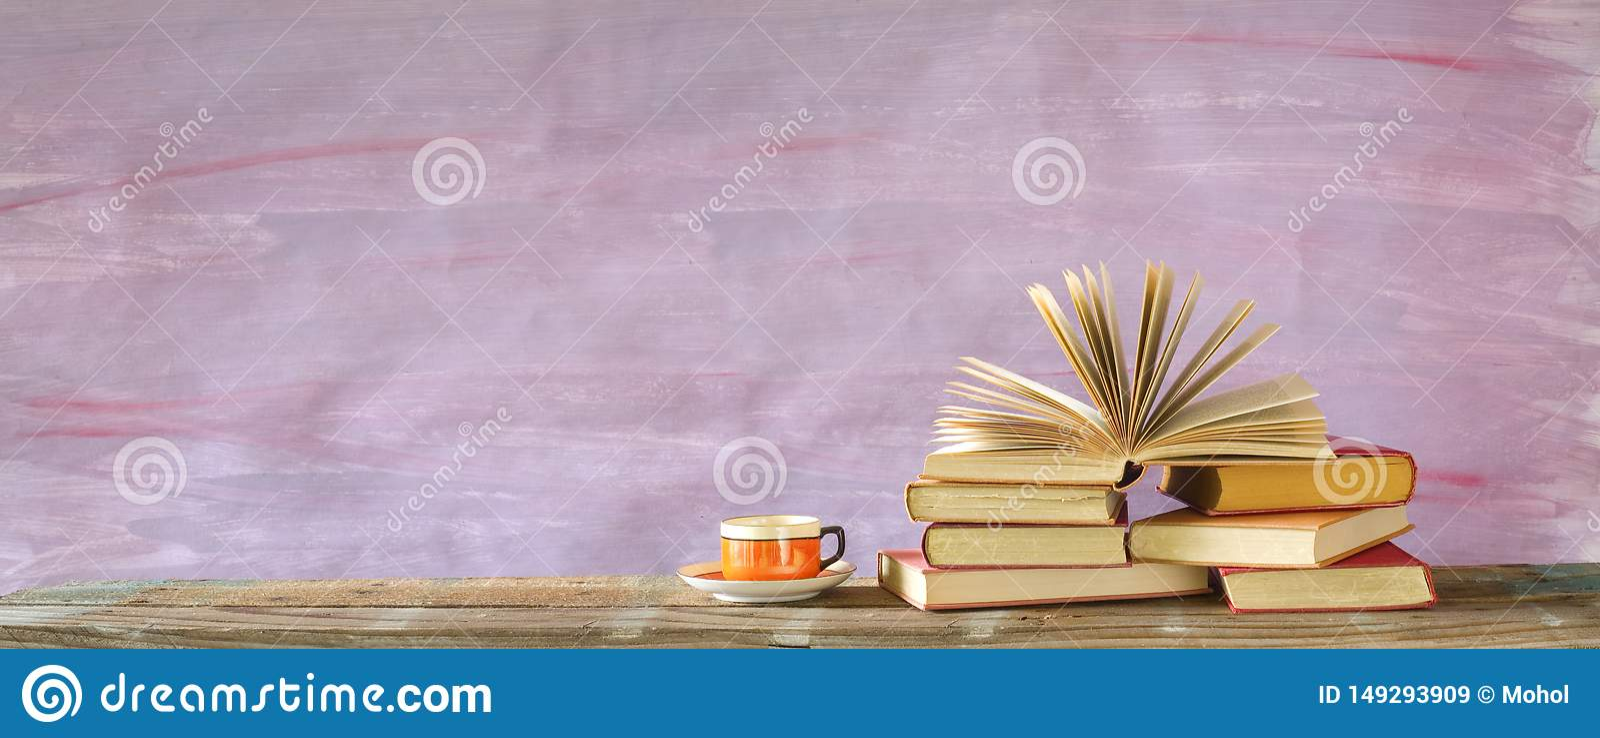 Pila di libri multicolori della libro con copertina rigida e di libro aperto, lettura, istruzione, letteratura